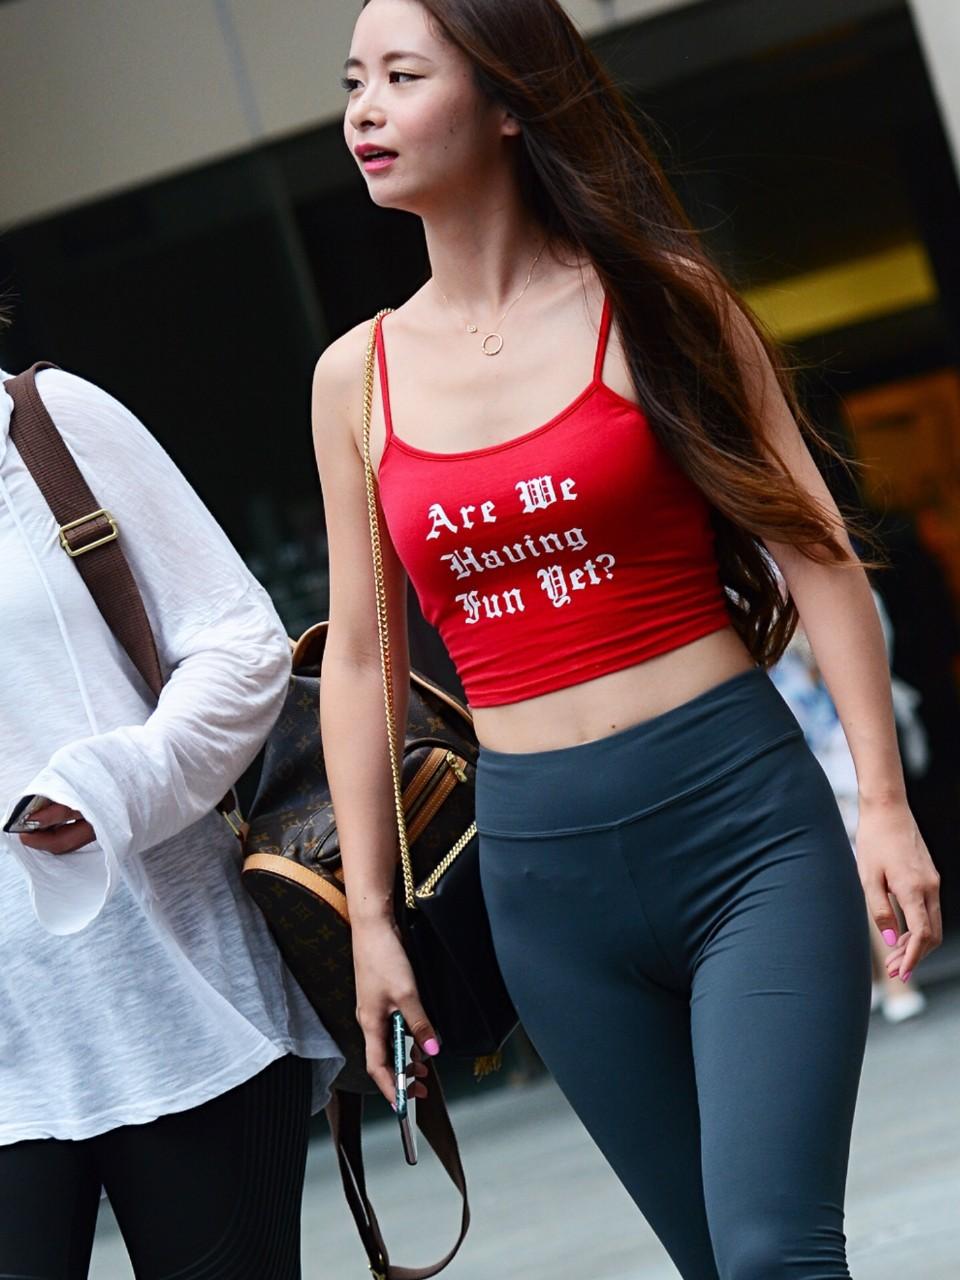 スパッツとかレギンス履いてる女体に視線行ってしまう街撮りエロ画像 lYDp9HkEveaJzAHw